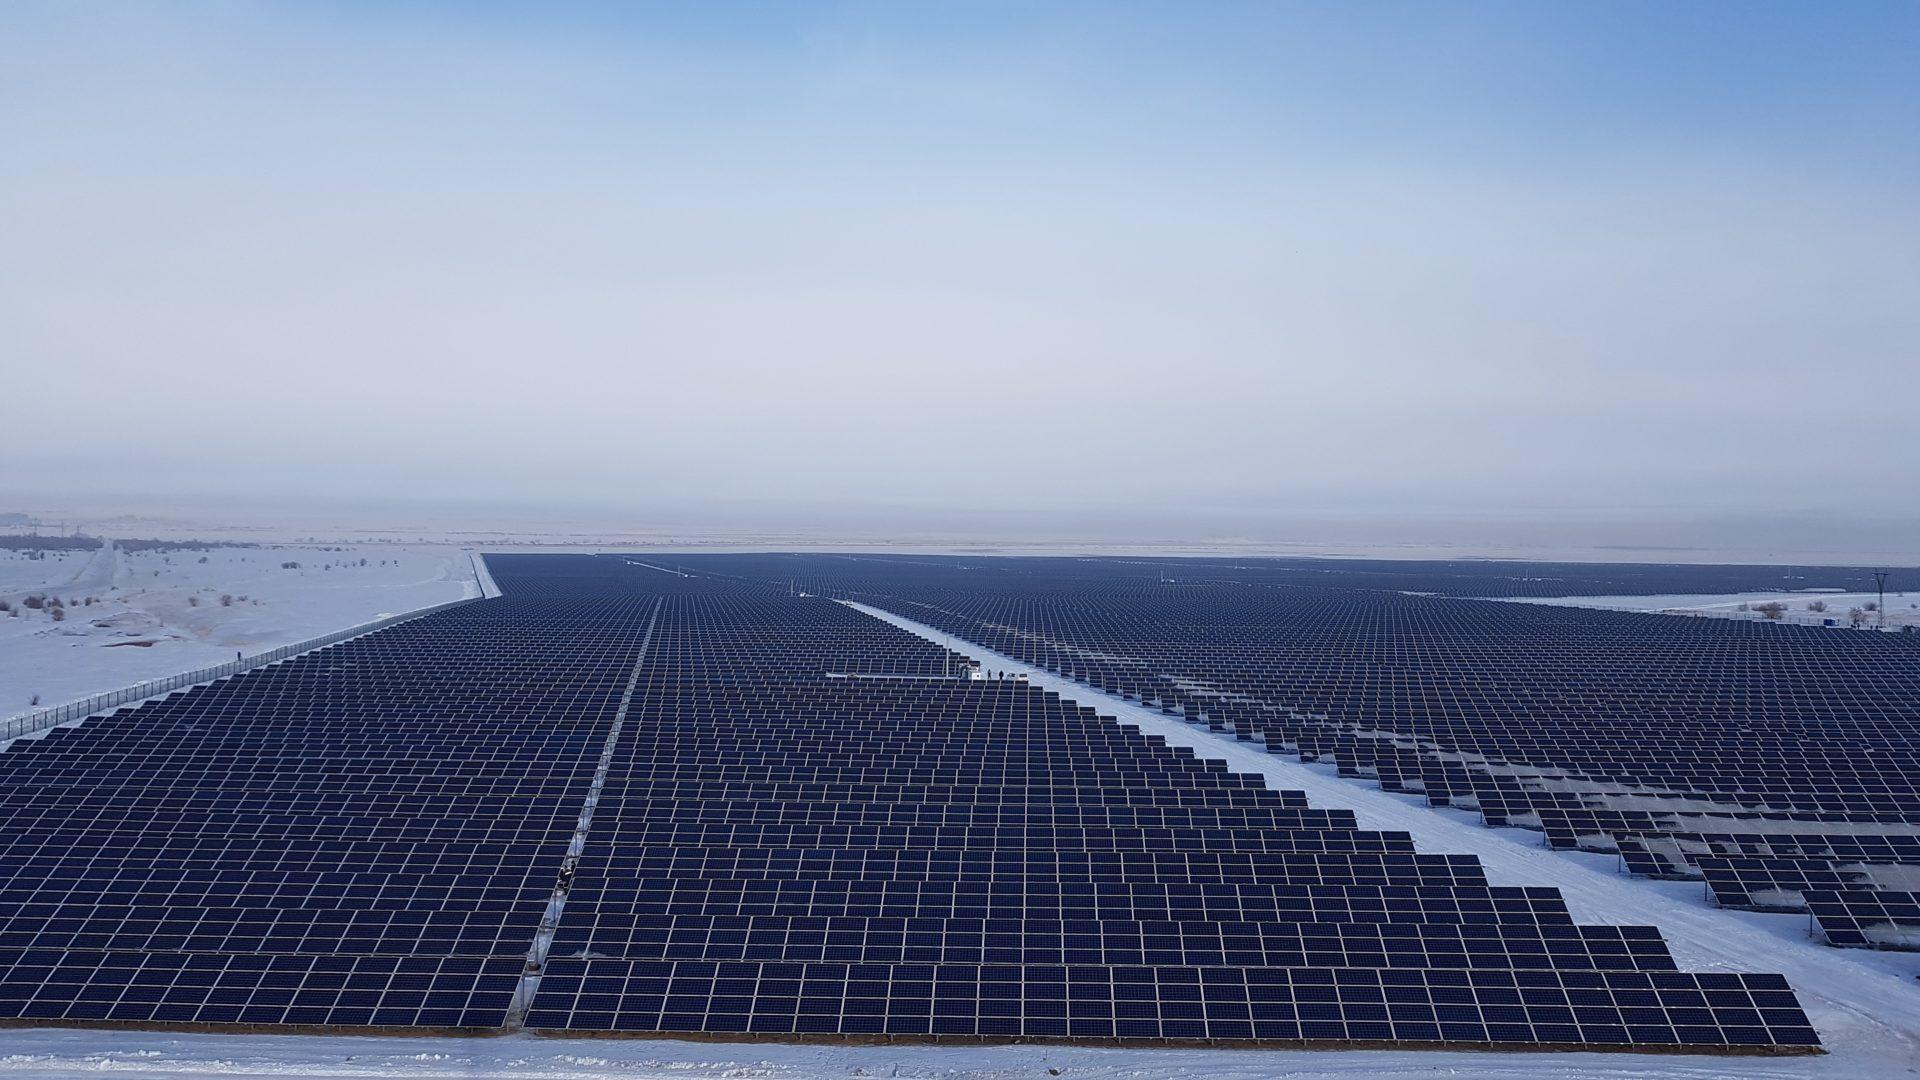 Goldbeck Solar realisierte die größte Freiflächen-Anlage in Zentralasien mit 100 MWp innerhalb von sechs Monaten Bauzeit. (Foto: Goldbeck Solar)